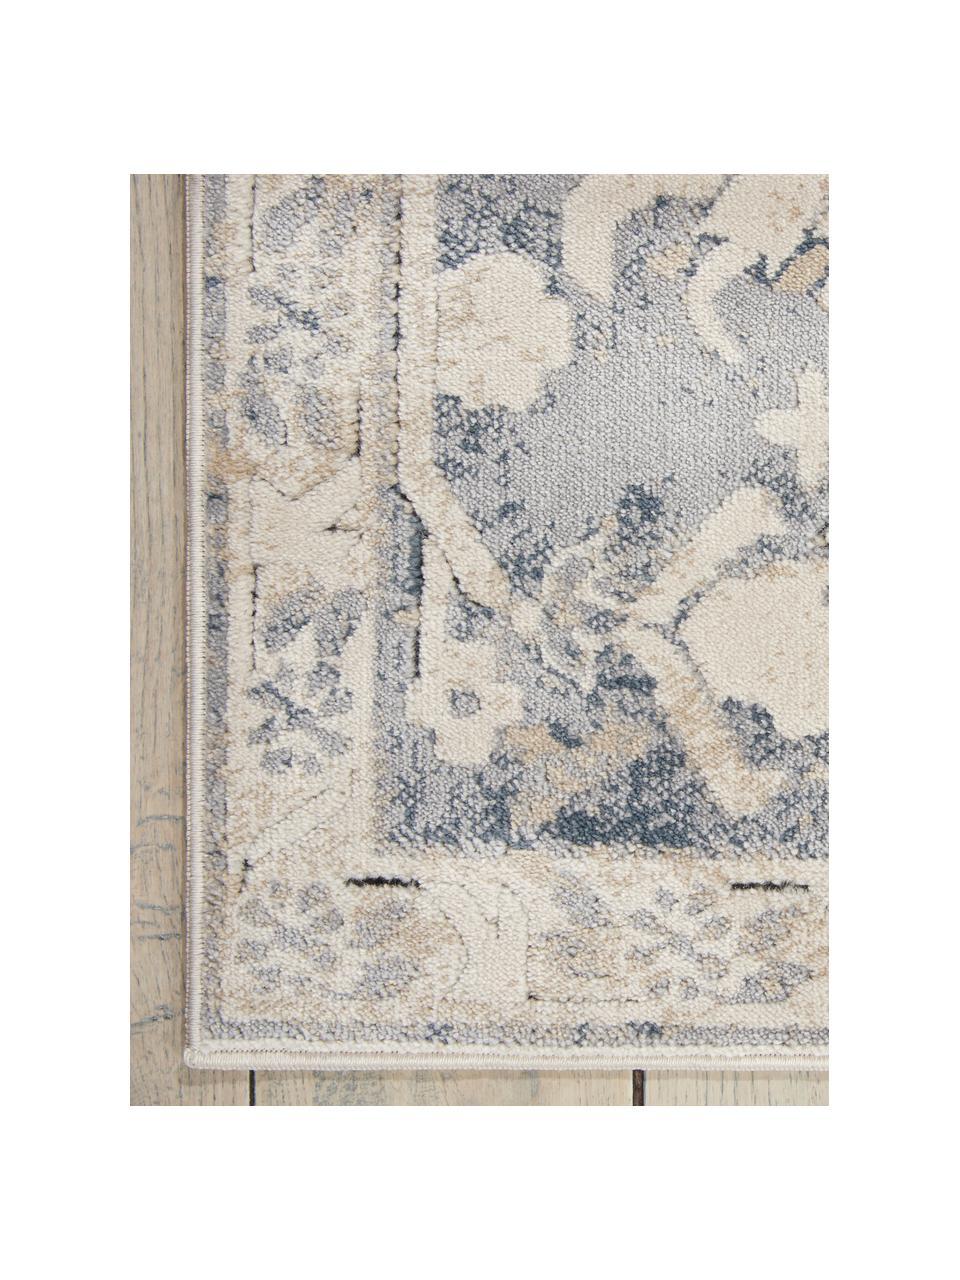 Dywan vintage Malta, Kość słoniowa, odcienie niebieskiego, S 160 x D 230 cm (Rozmiar M)